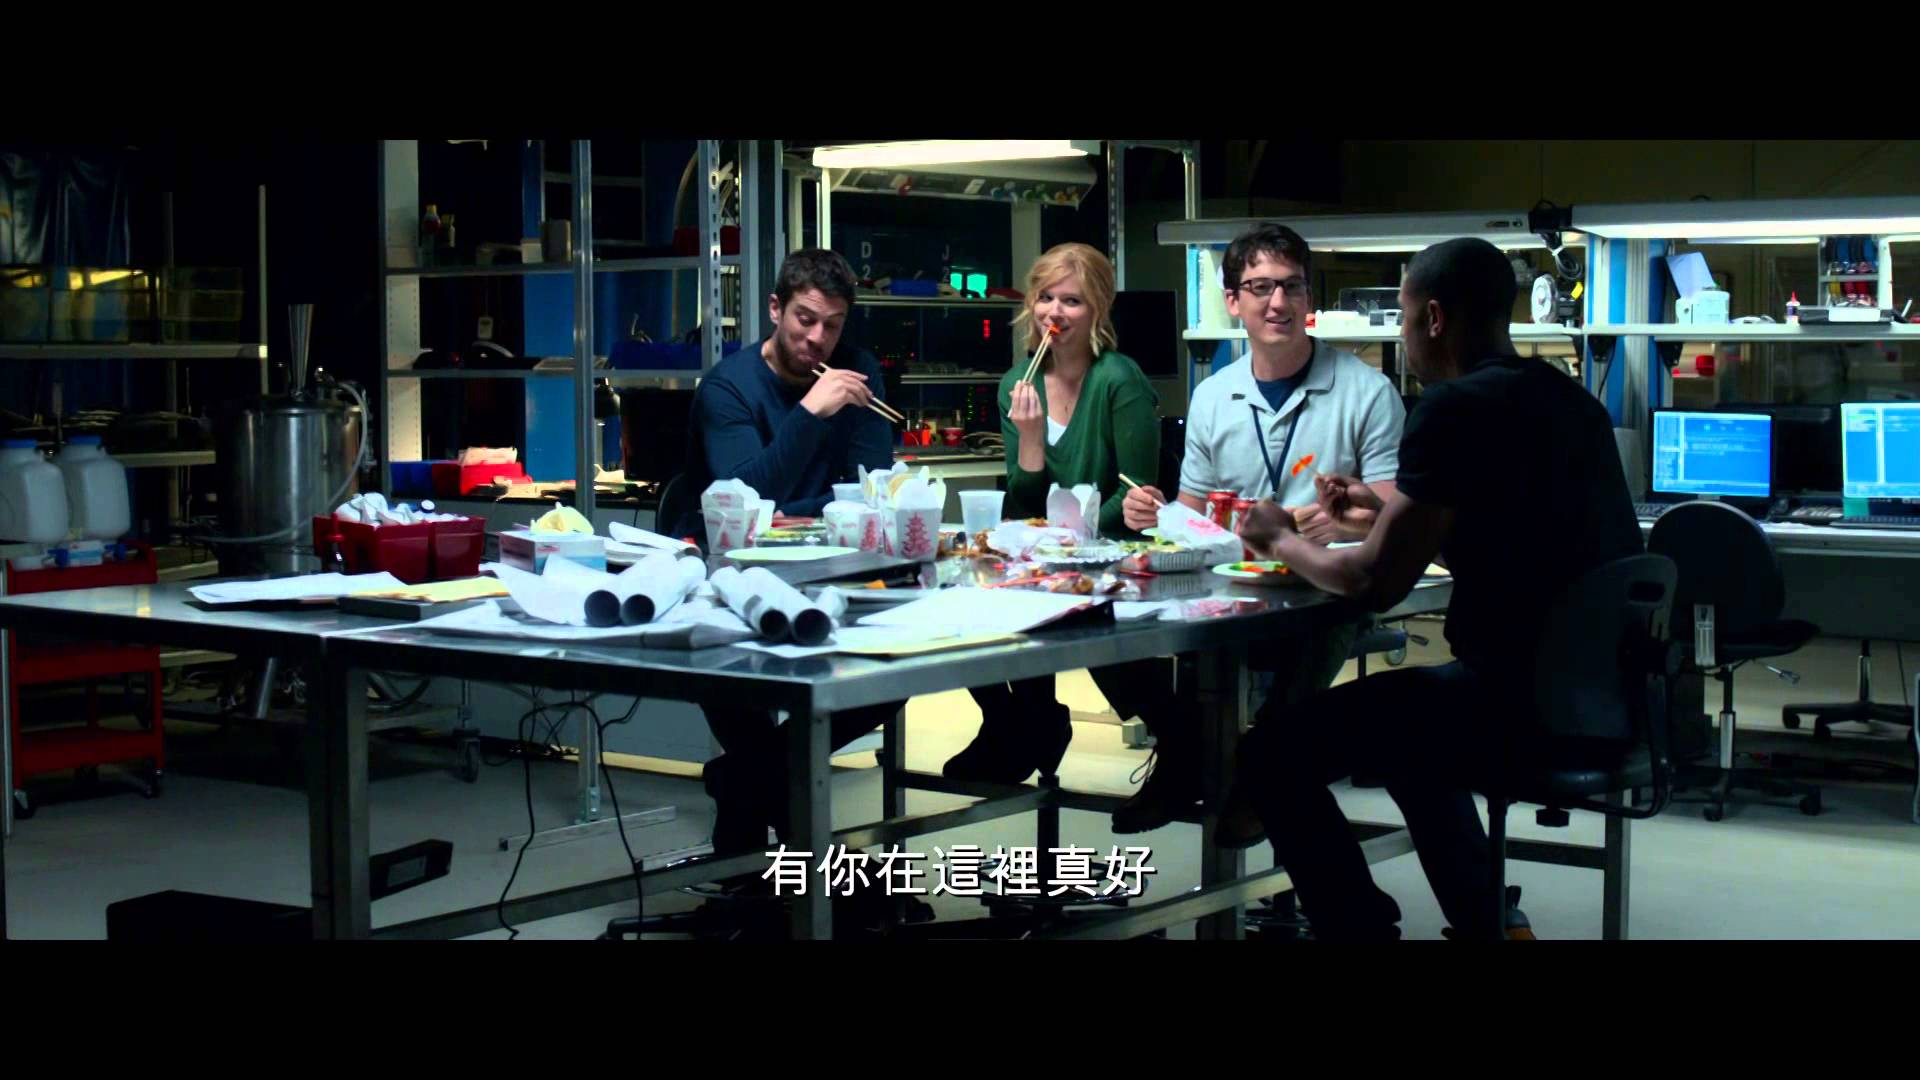 【驚奇4超人 2015】正式版預告